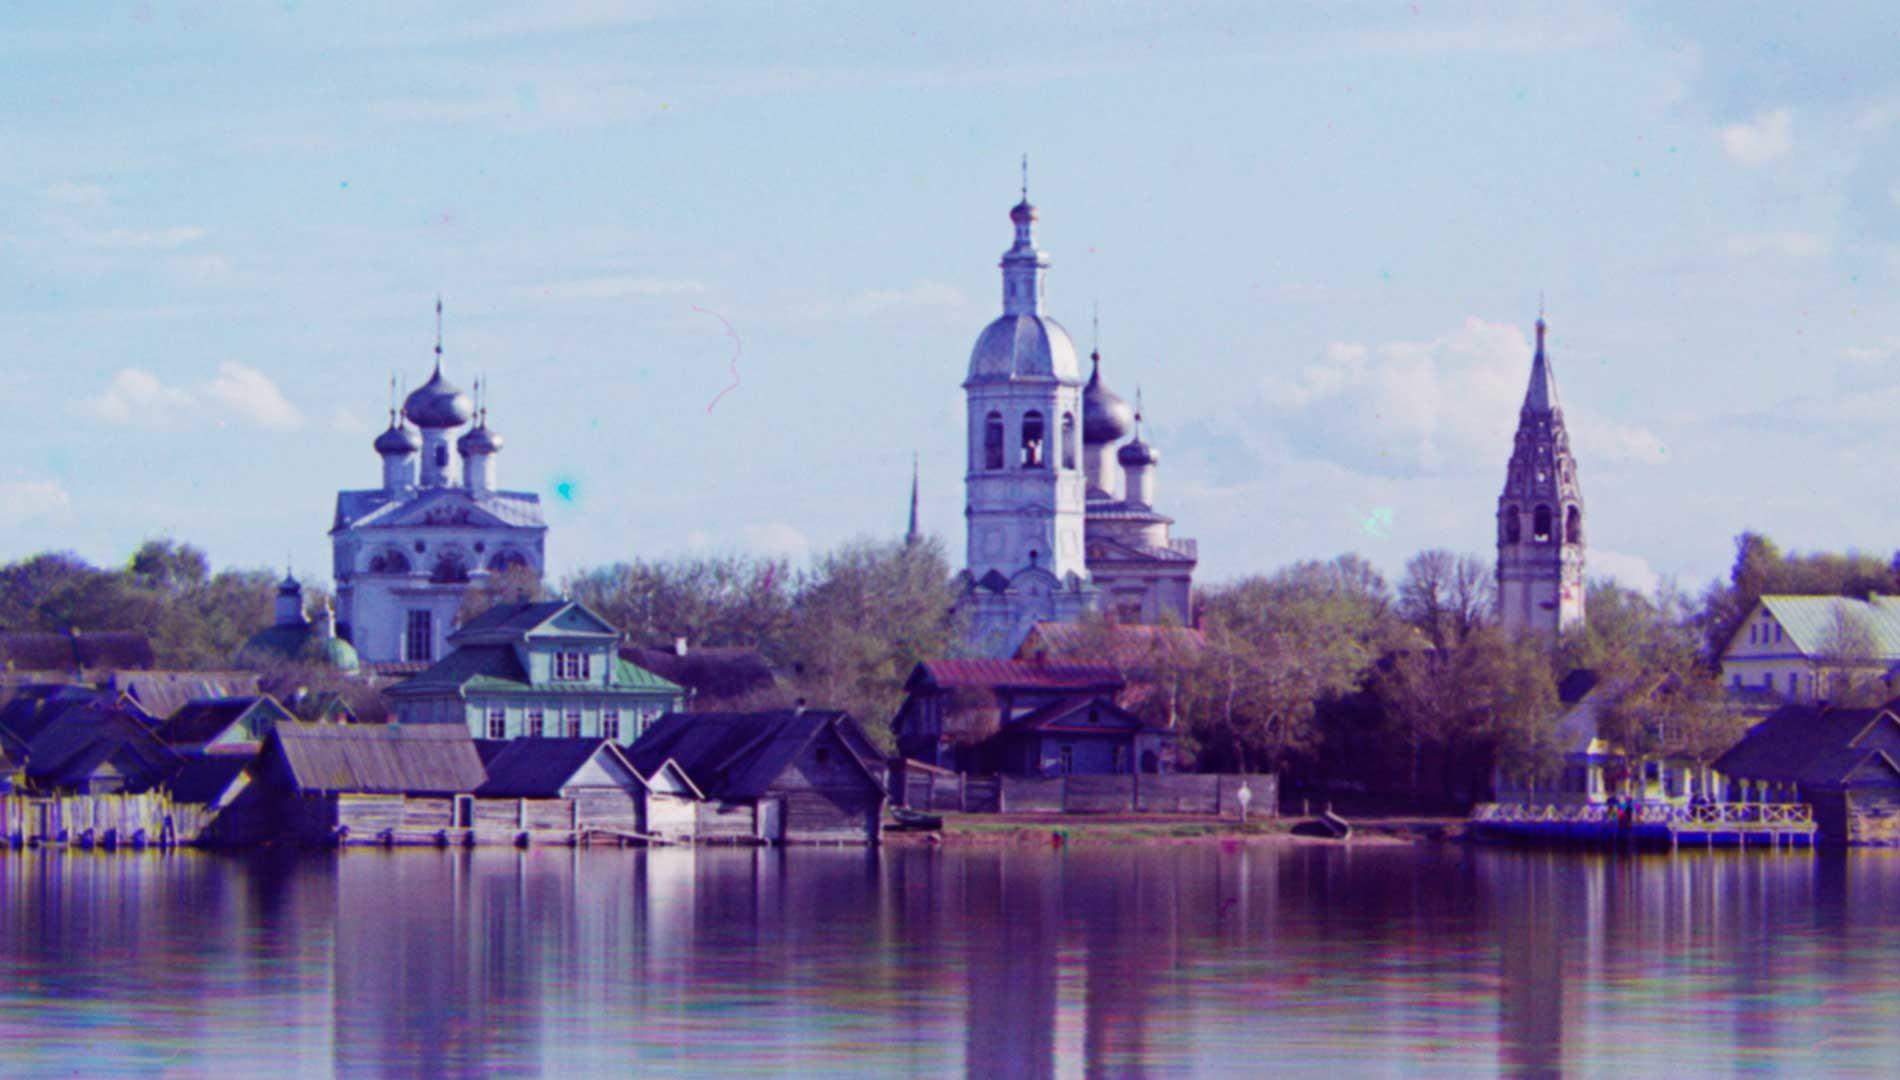 Ostashkov. Complesso della cattedrale dall'isola di Voroni. Da sinistra: Cattedrale della Trinità; Torre campanaria; Chiesa della Resurrezione; Torre campanaria. Inizio estate 1910